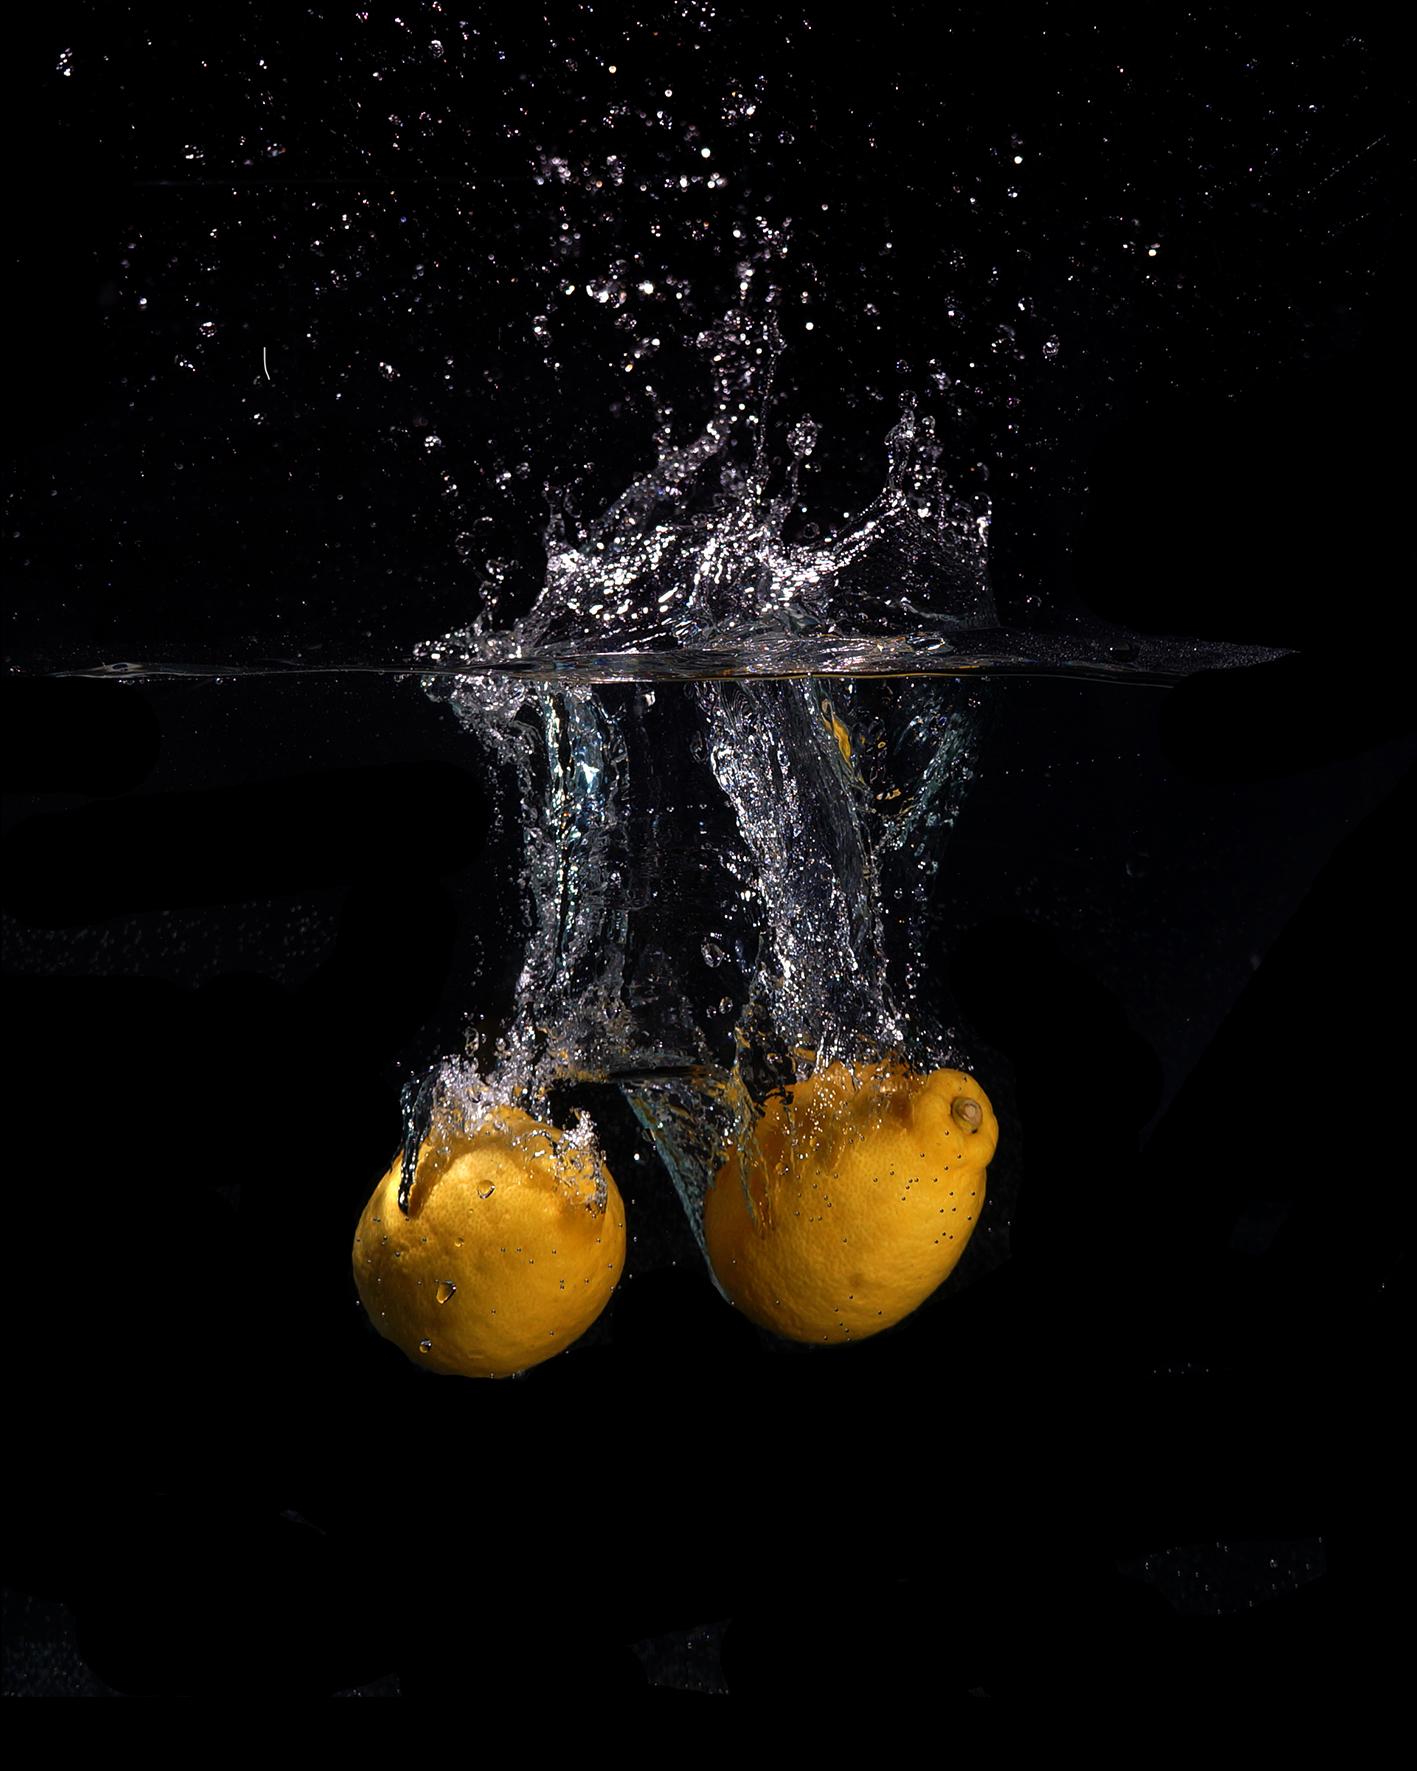 NEW - Lemon splash 1 - SOLD